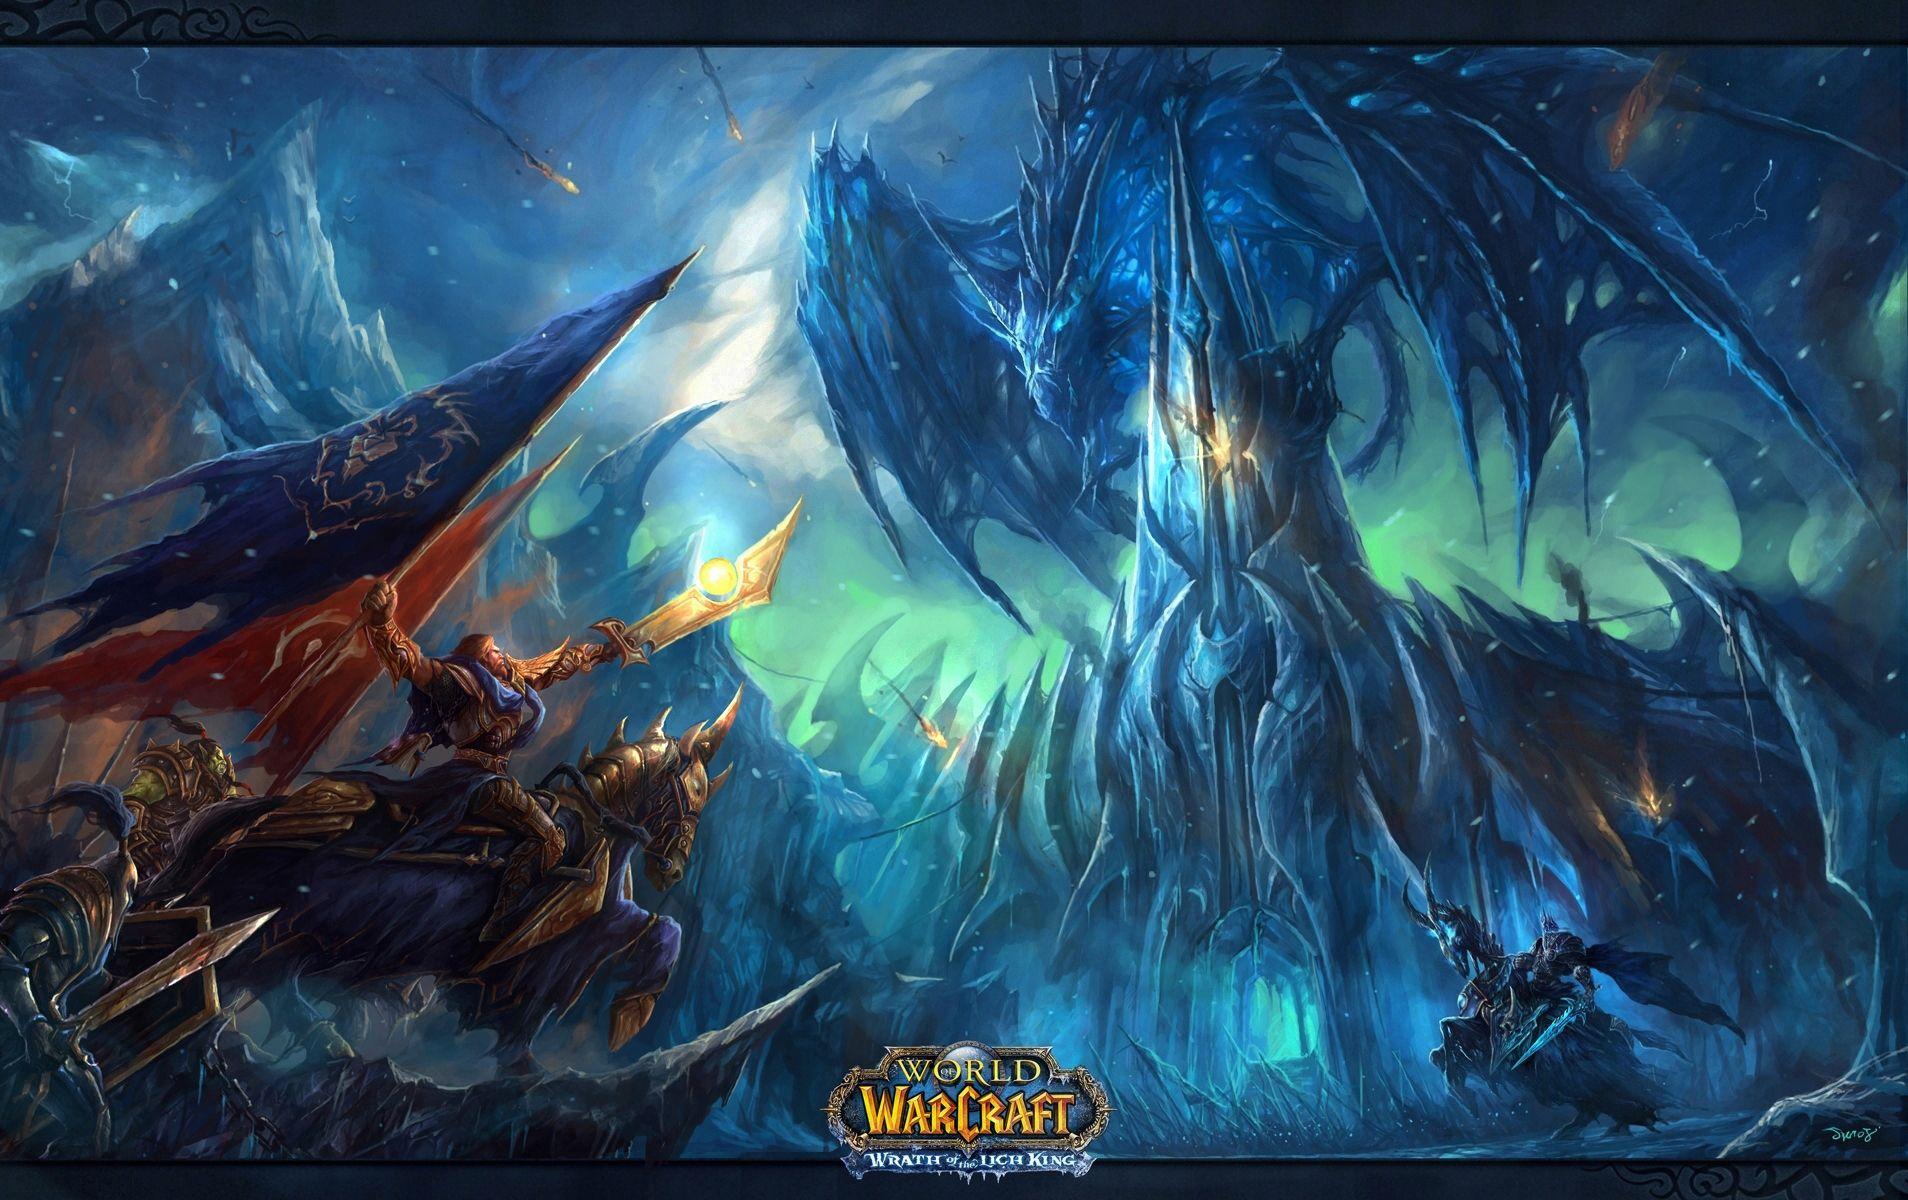 Worlds Of Warcraft Ashmourne By Jeremyblz On Deviantart World Of Warcraft Wallpaper World Of Warcraft Legion World Of Warcraft